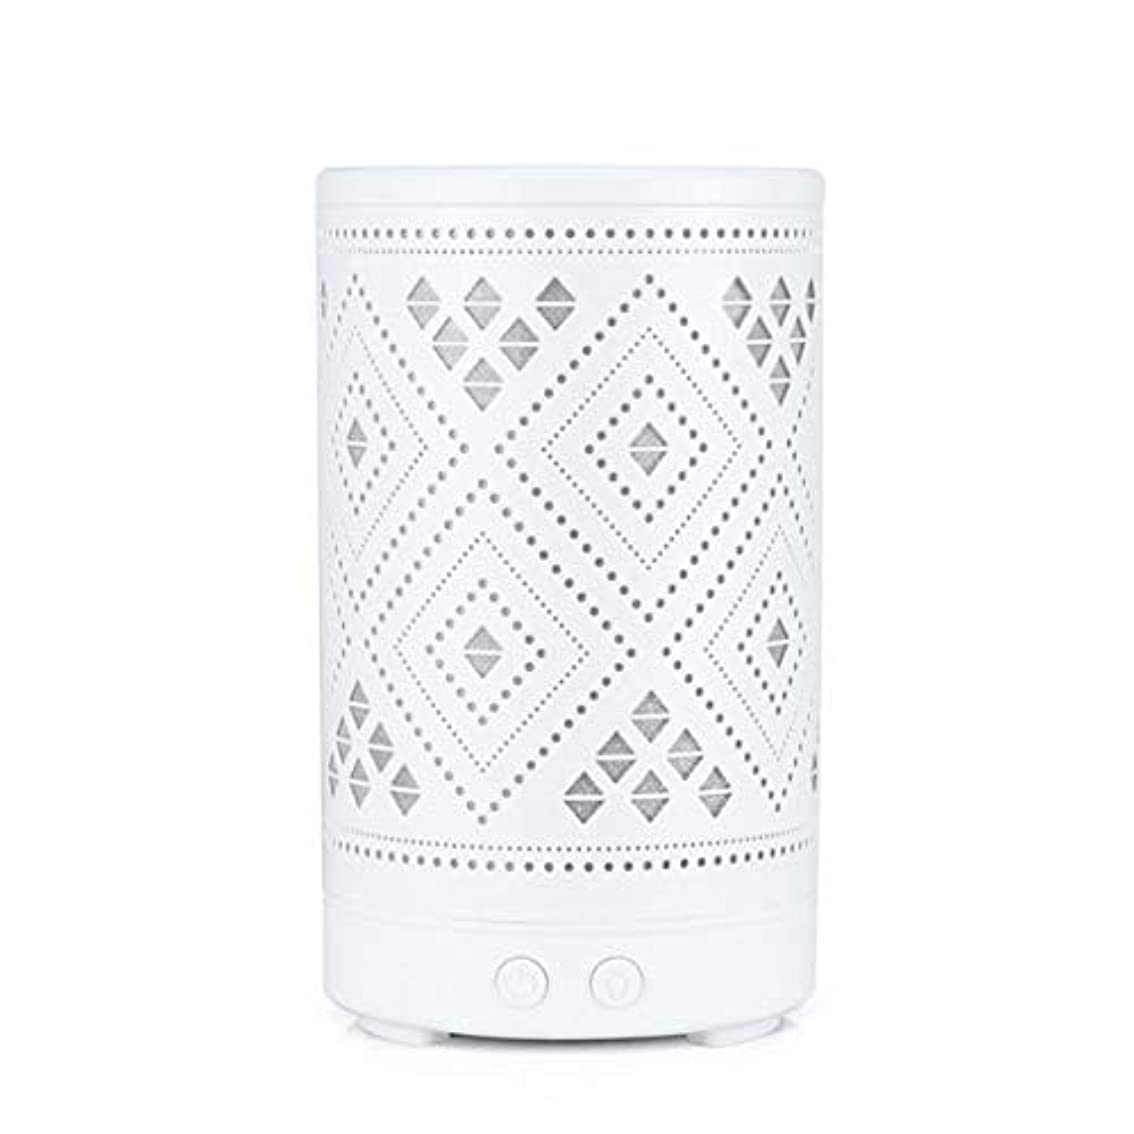 舌な燃やす失望クラシック ミニ 中空 加湿器,涼しい霧 7 色 デスクトップ 加湿機 精油 ディフューザー アロマネブライザー Yoga ベッド 寮- 100ml